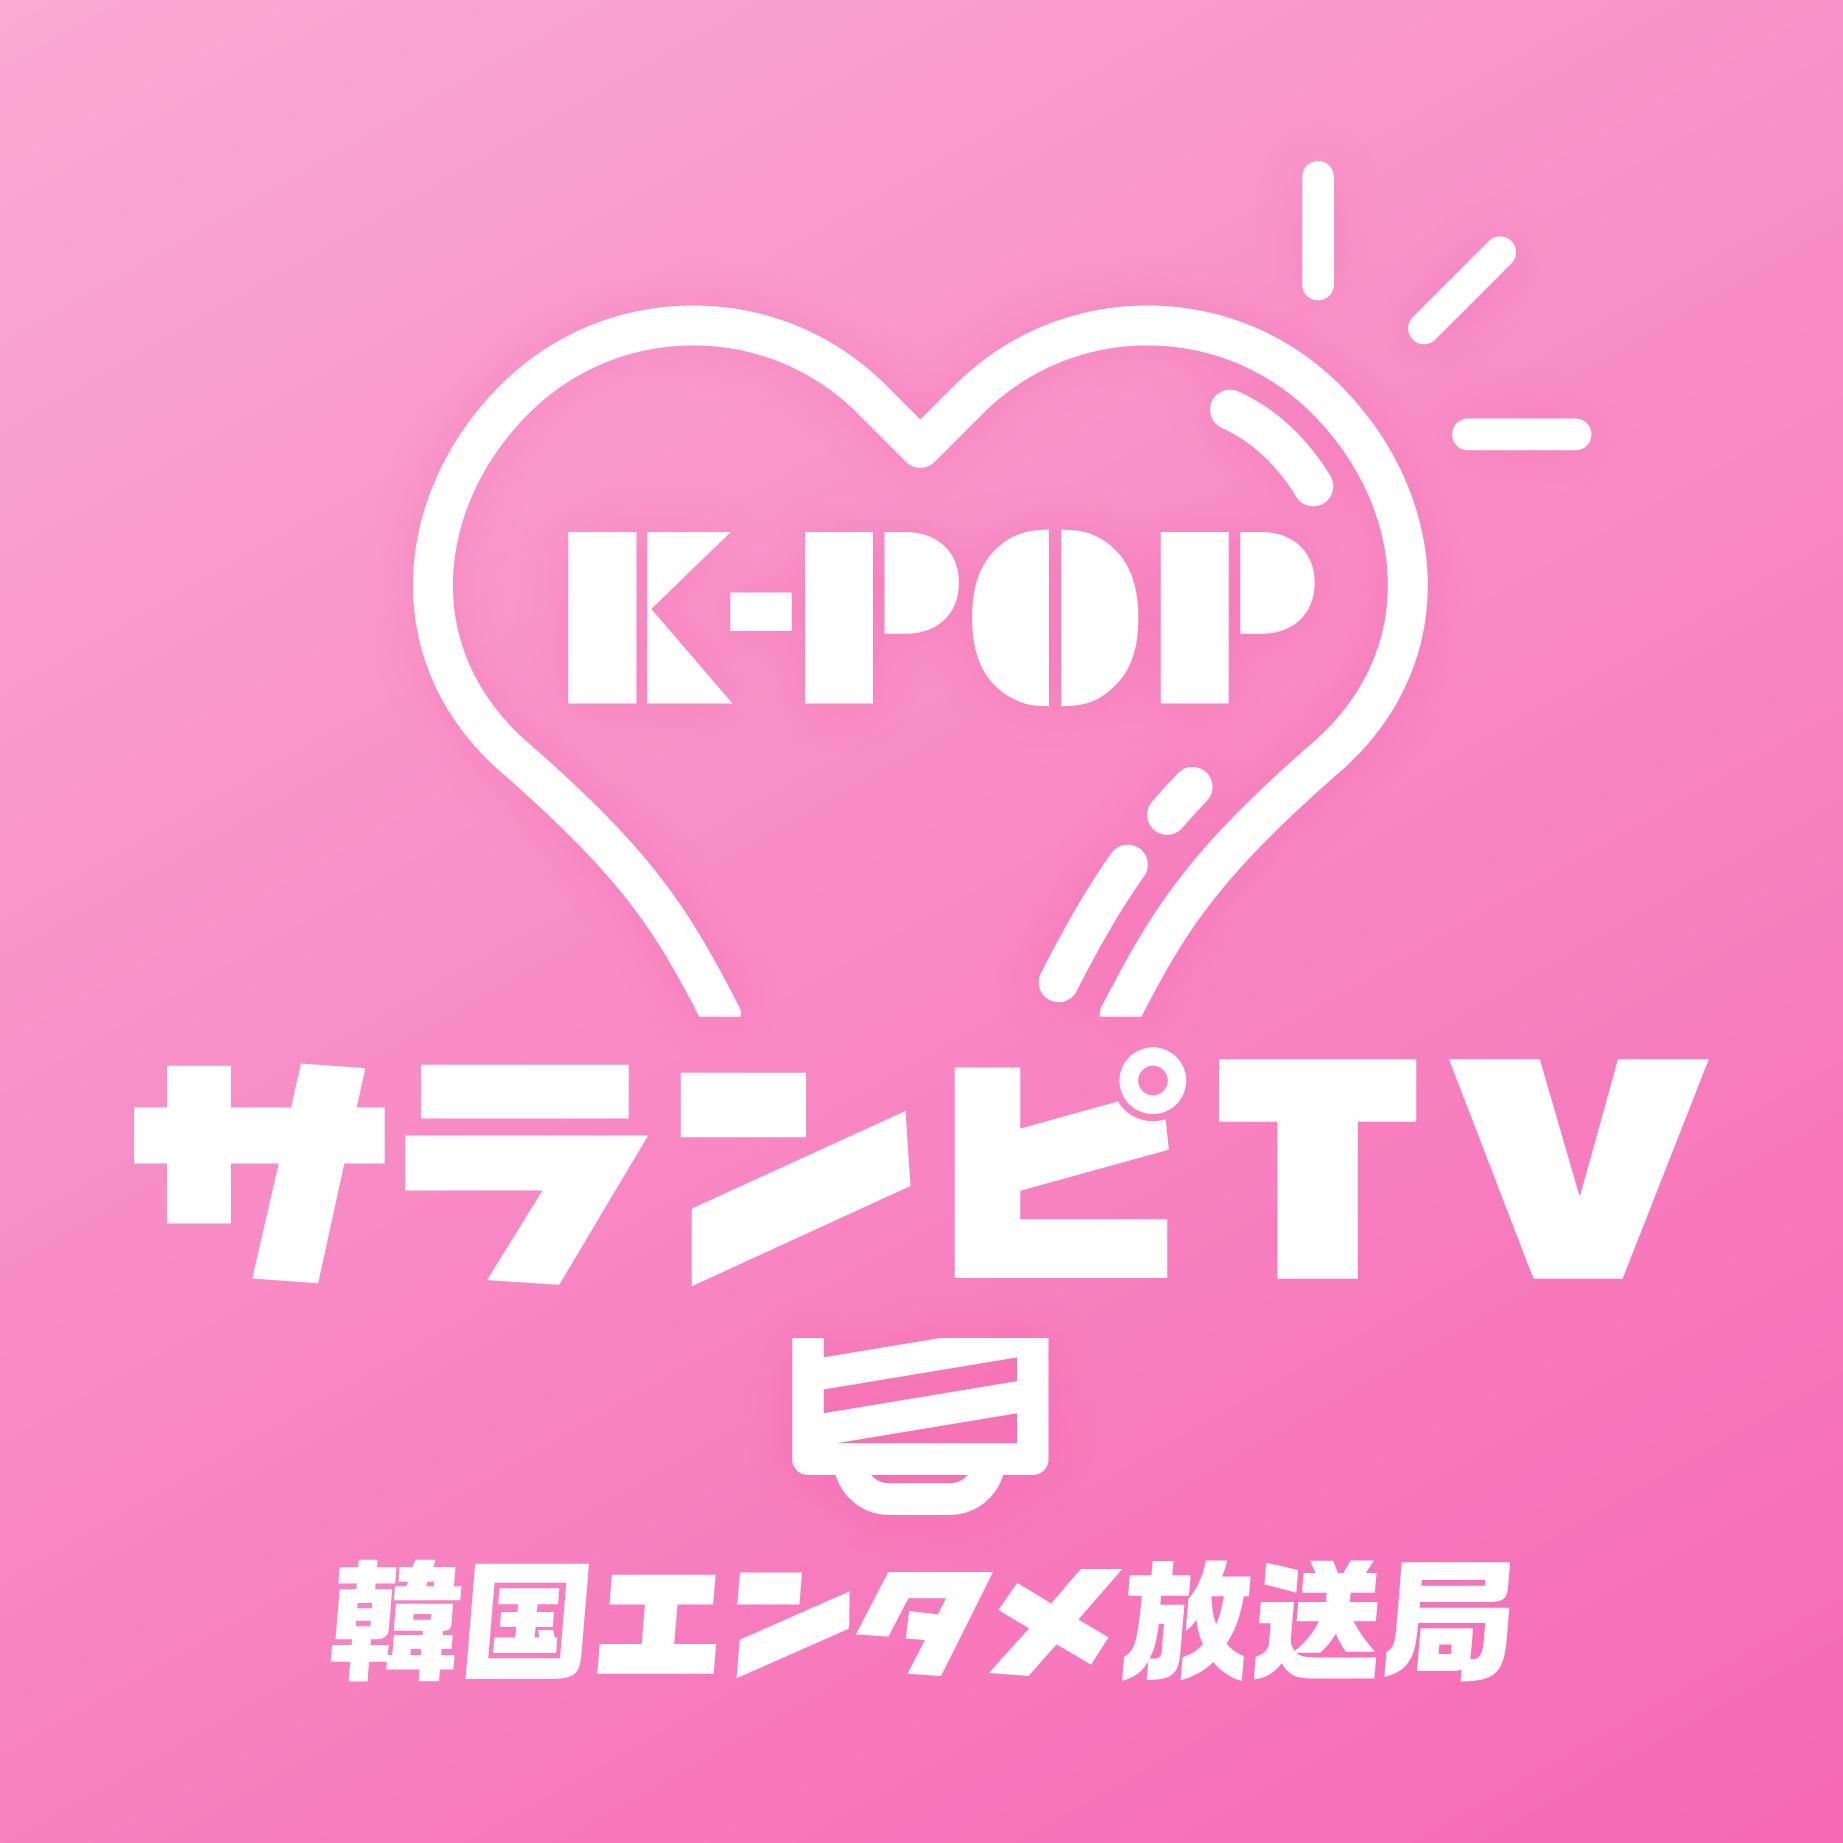 サランピTV くろ局長のペンミ2 in 大阪